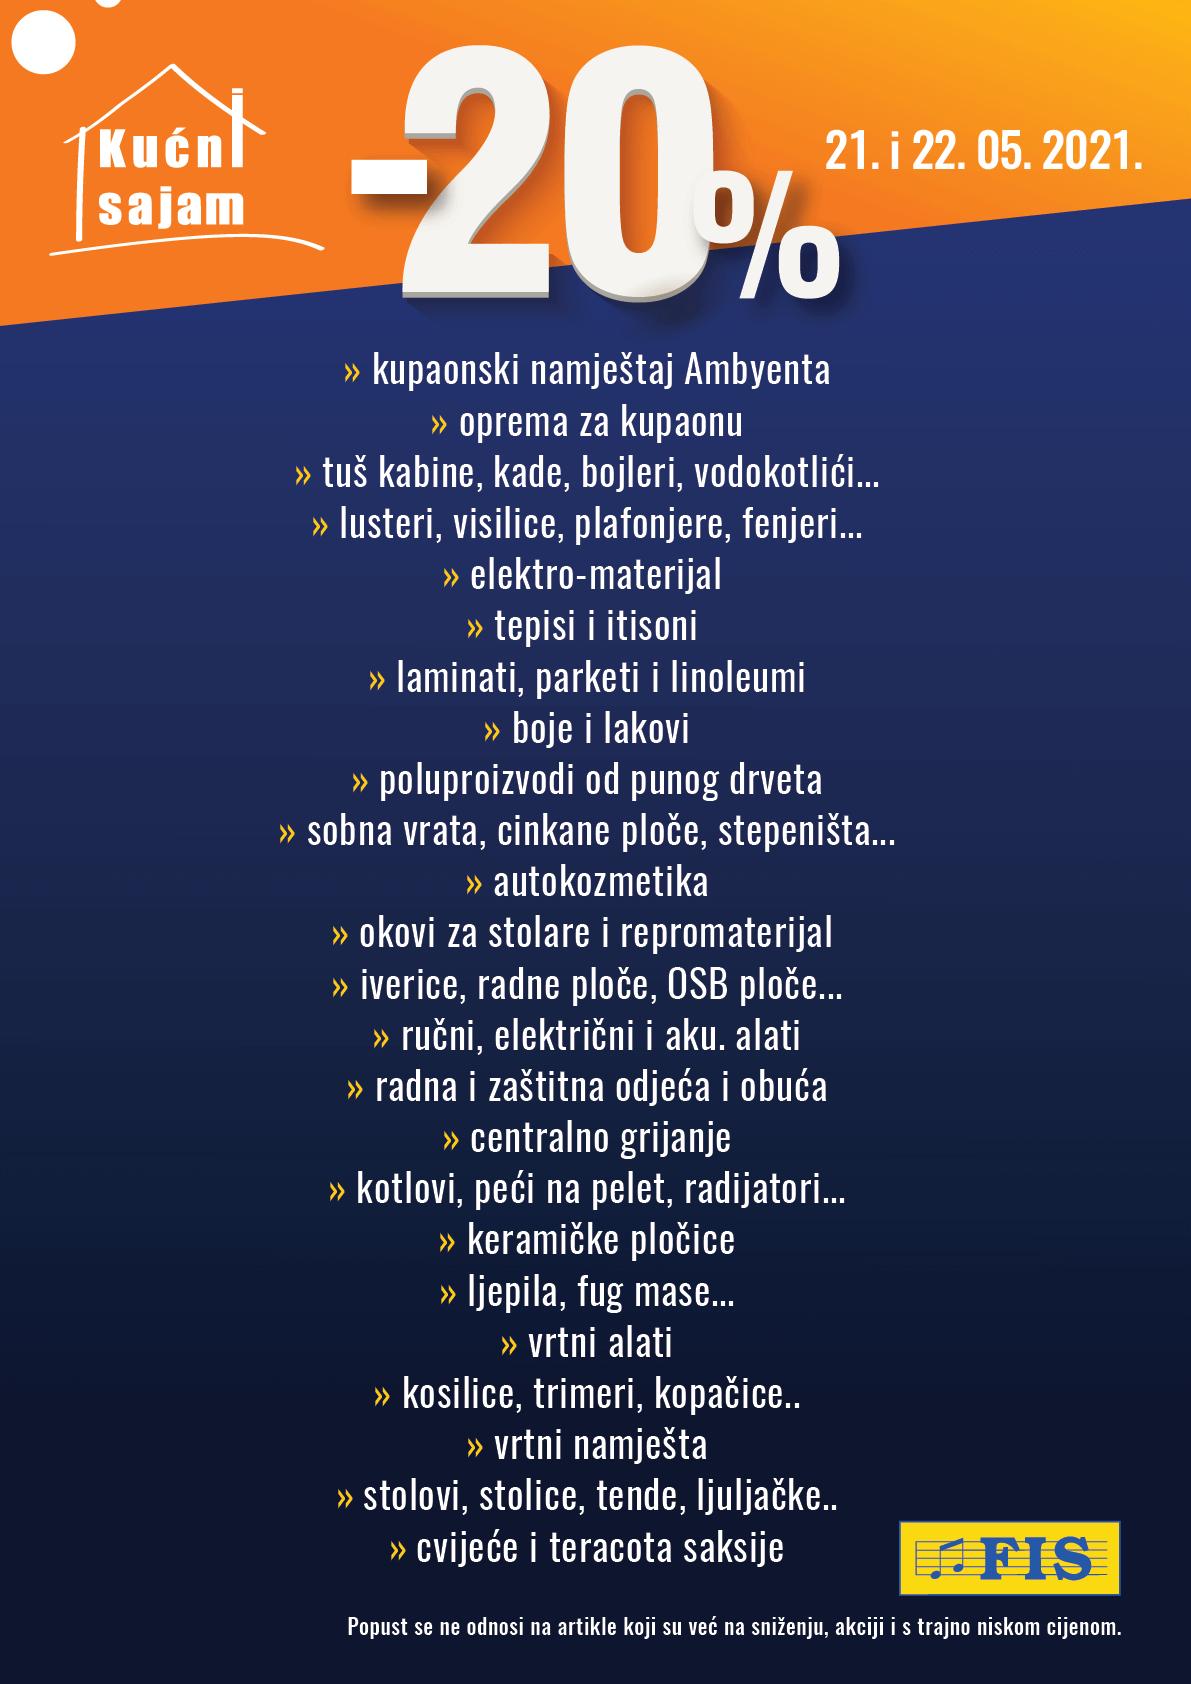 FISov Katalog Kucni sajam akcija MAJ 2021 21.05.2021. 22.05.2021. 2